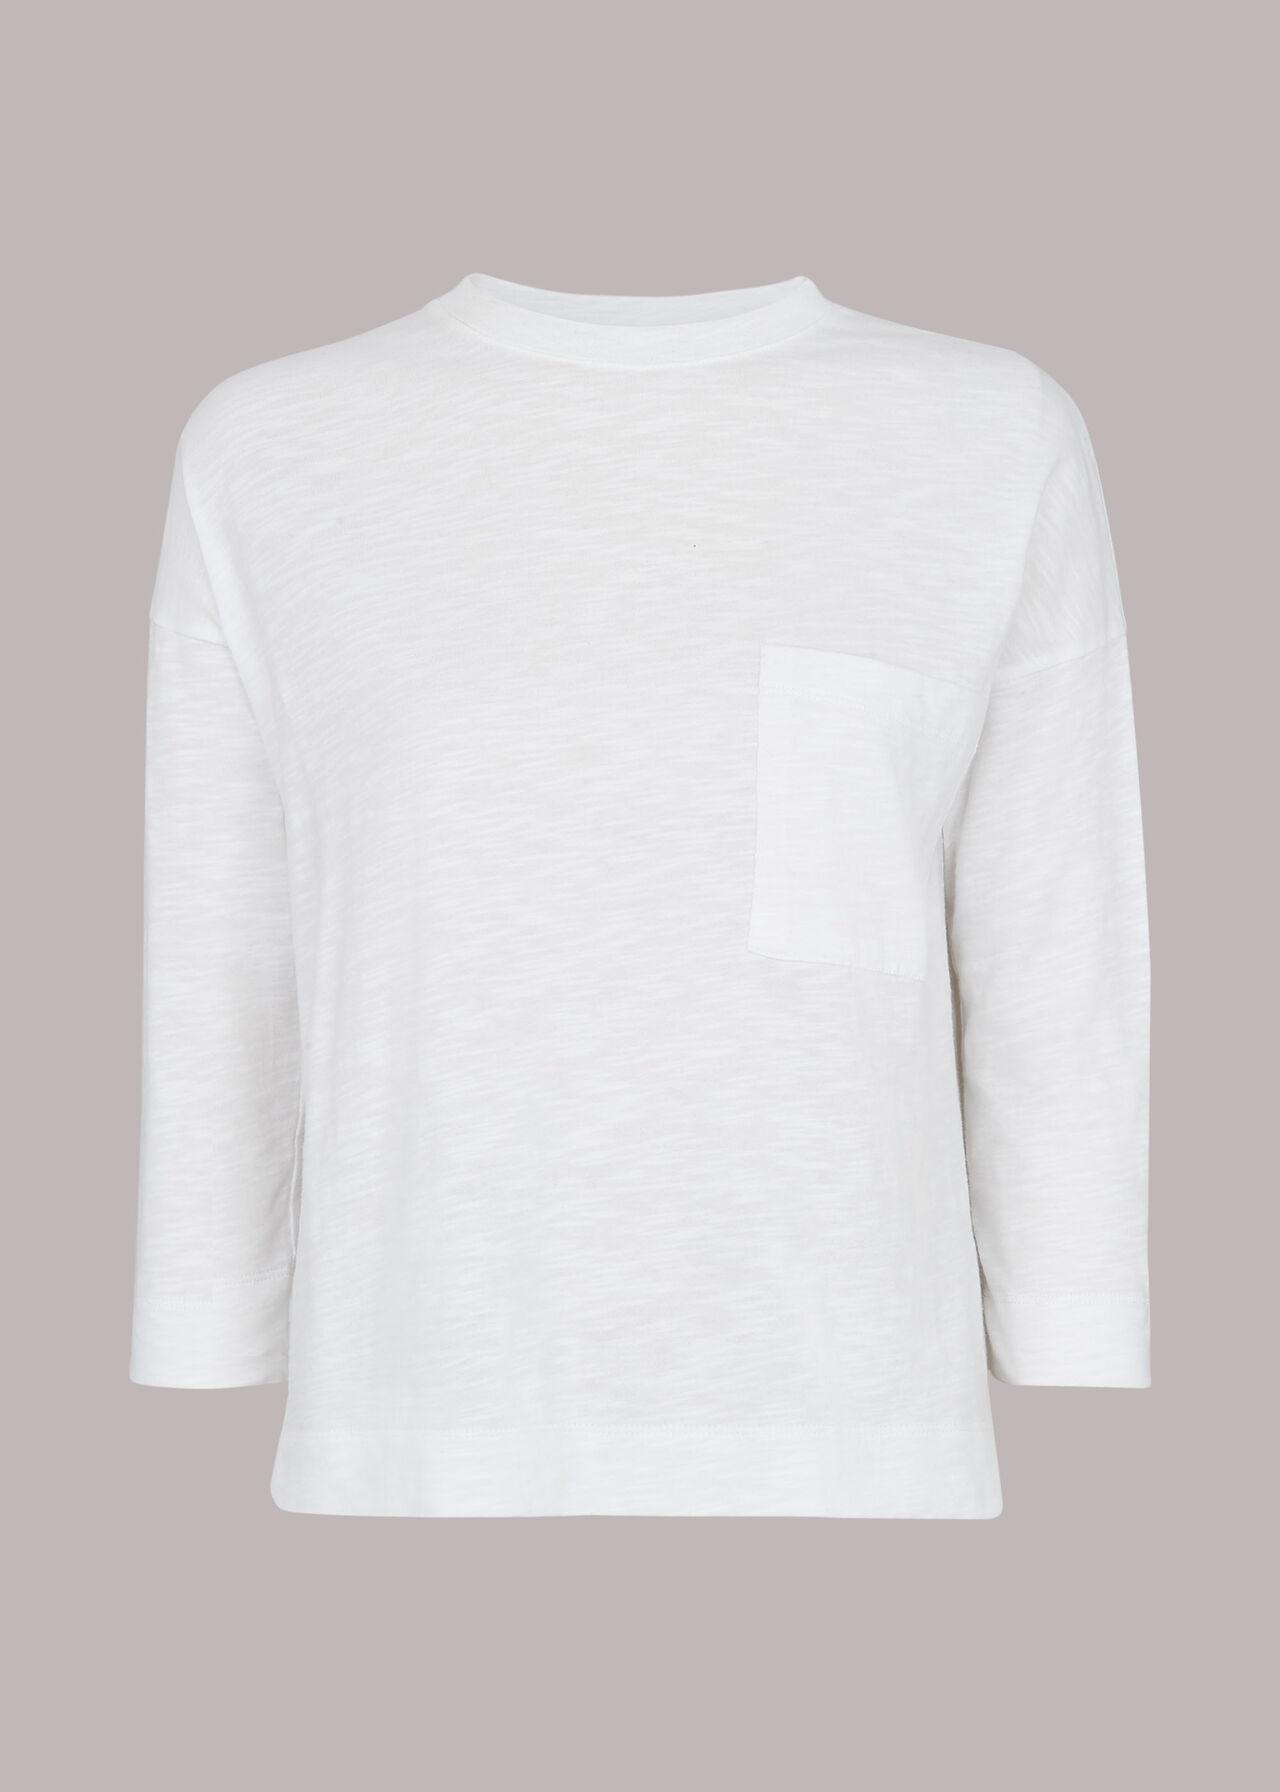 Cotton Pocket Top White